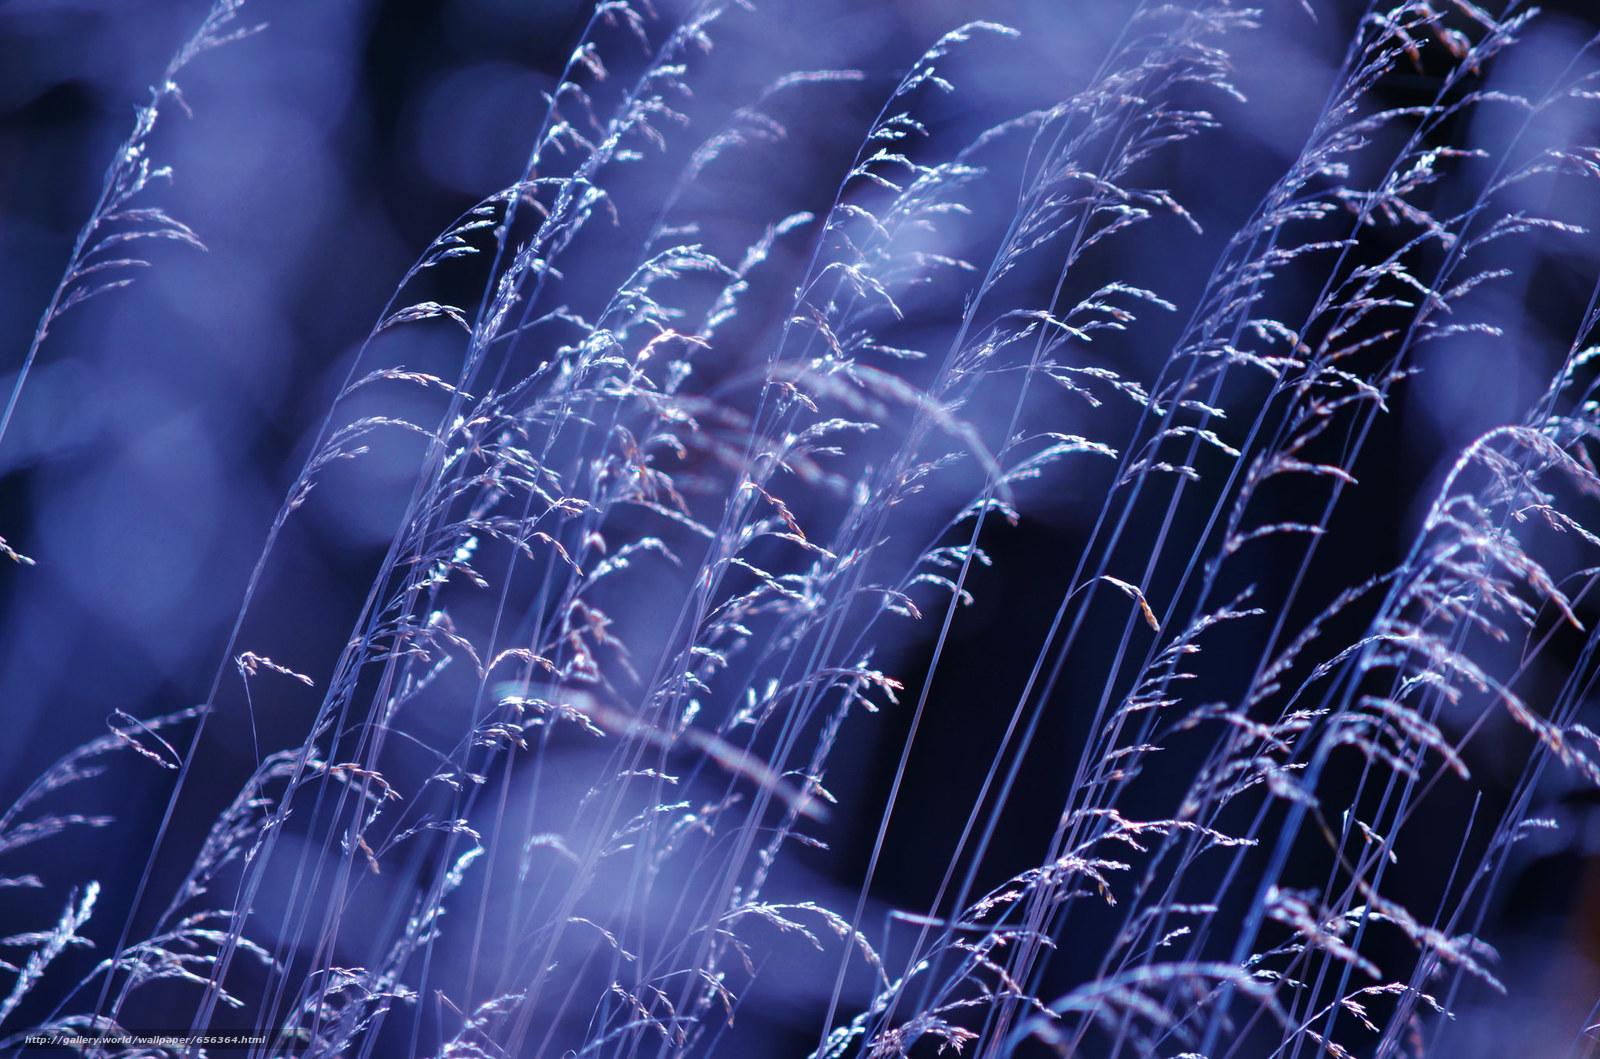 Tlcharger Fond d'ecran herbe,  herbe,  Macro Fonds d'ecran gratuits pour votre rsolution du bureau 2048x1356 — image №656364